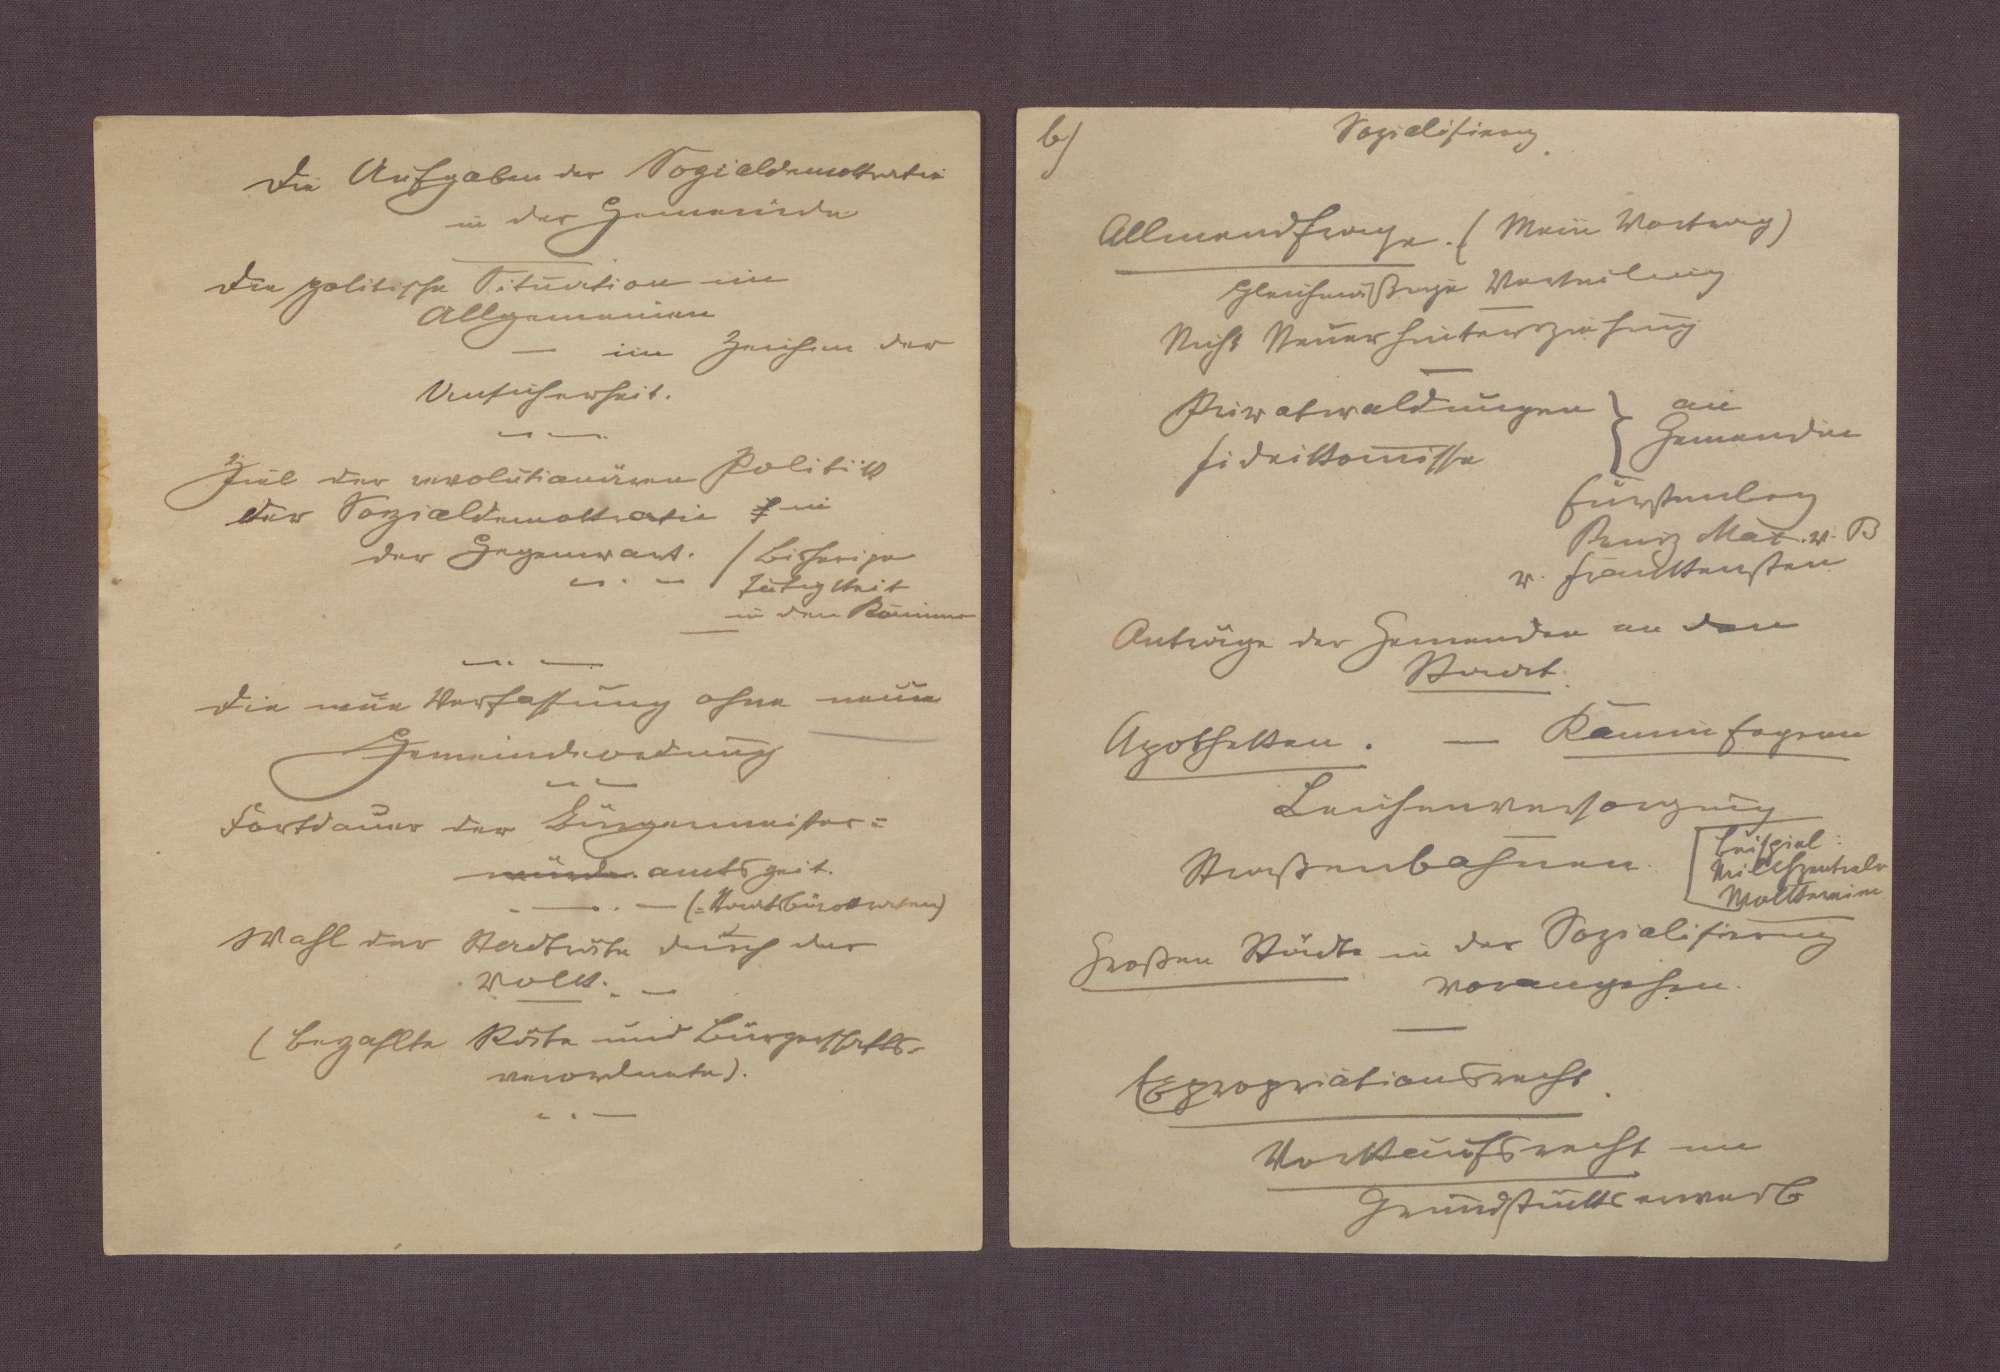 Manuskript: Die Aufgaben der Sozialdemokratie in der Gemeinde, Bild 2